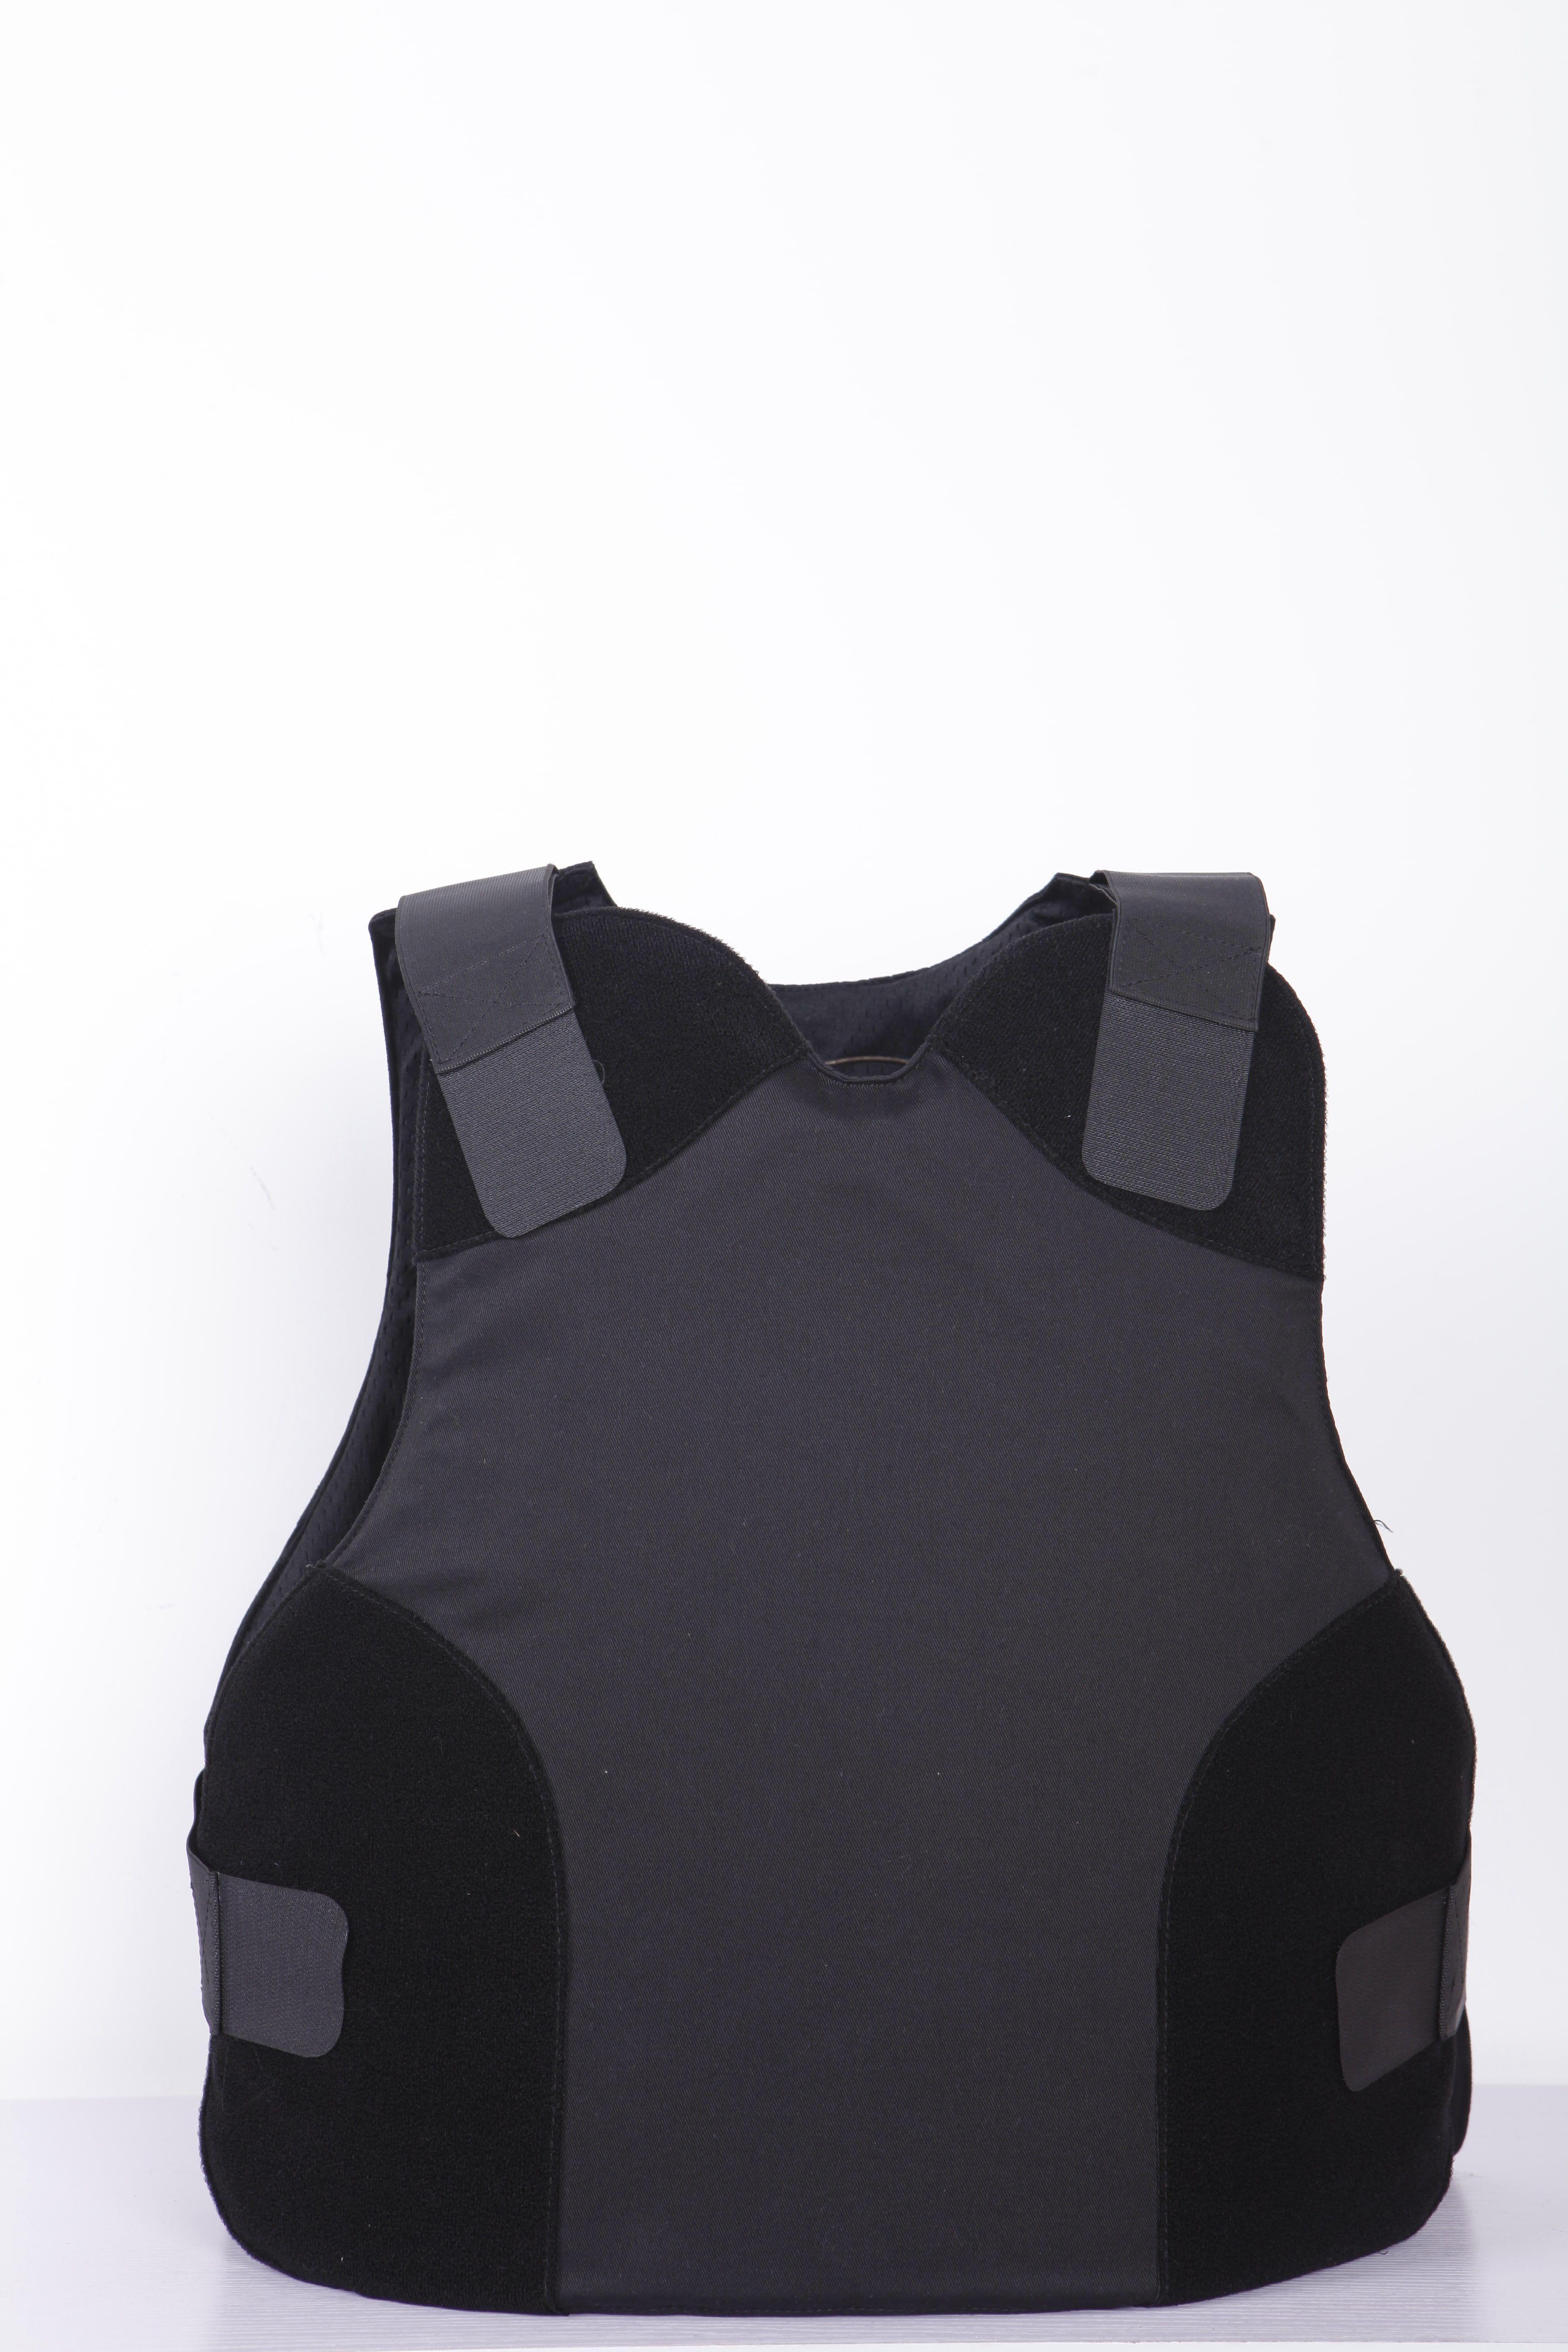 Bullet Proof Vest R001-3